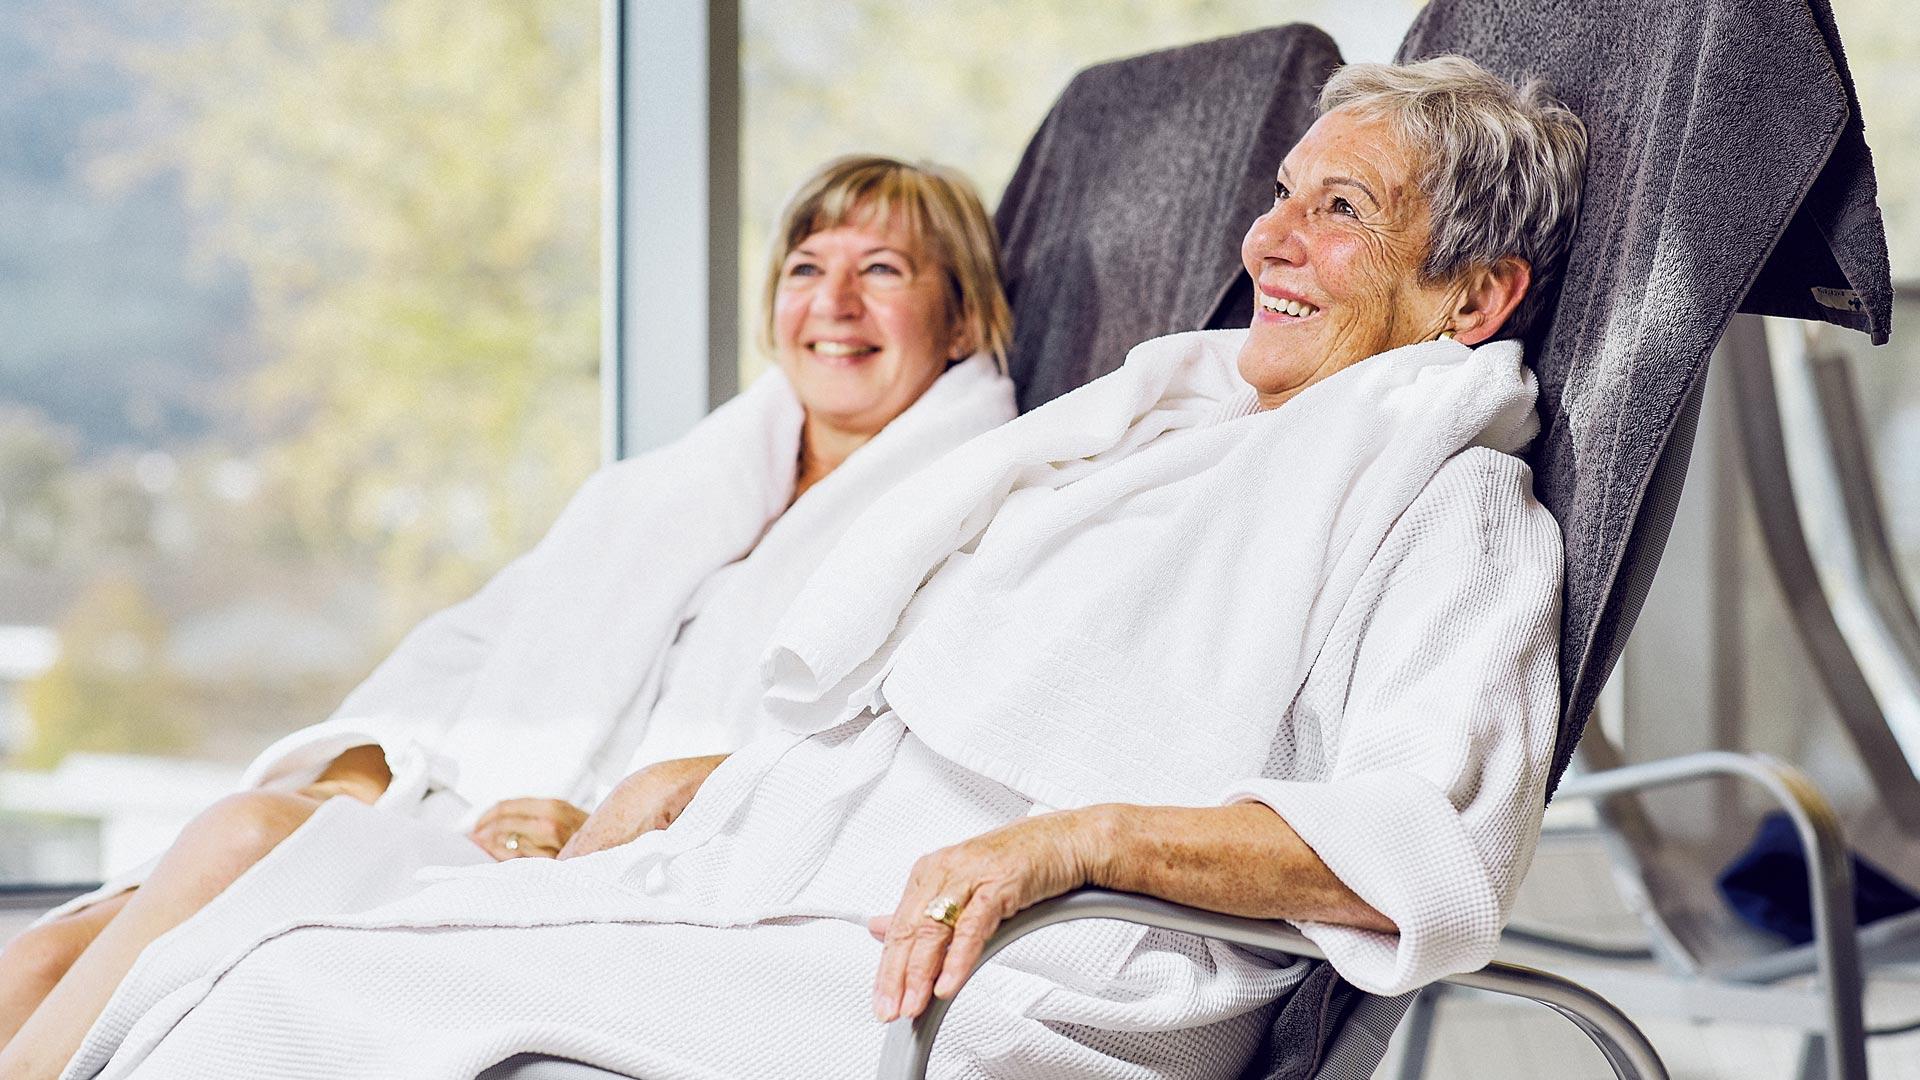 Pensionisten mit Bademänteln in Stühlen